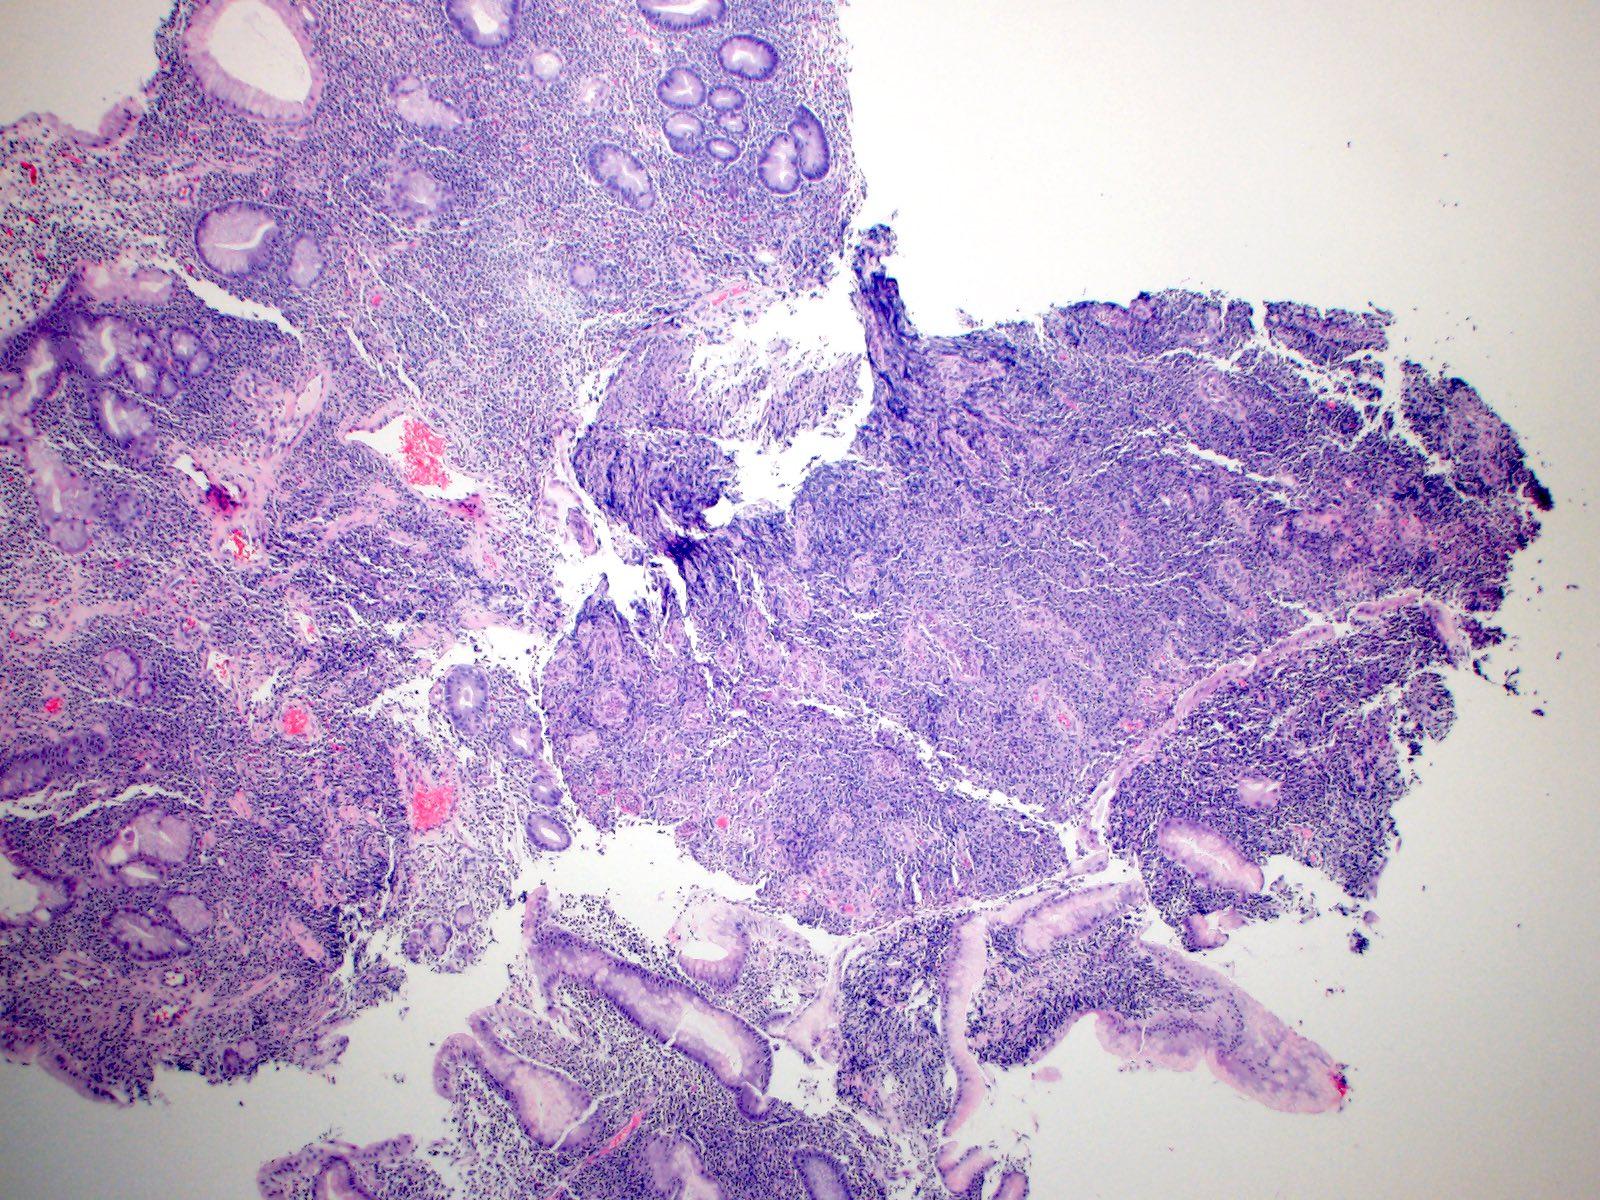 Dense lymphoplasmacytic infiltrate